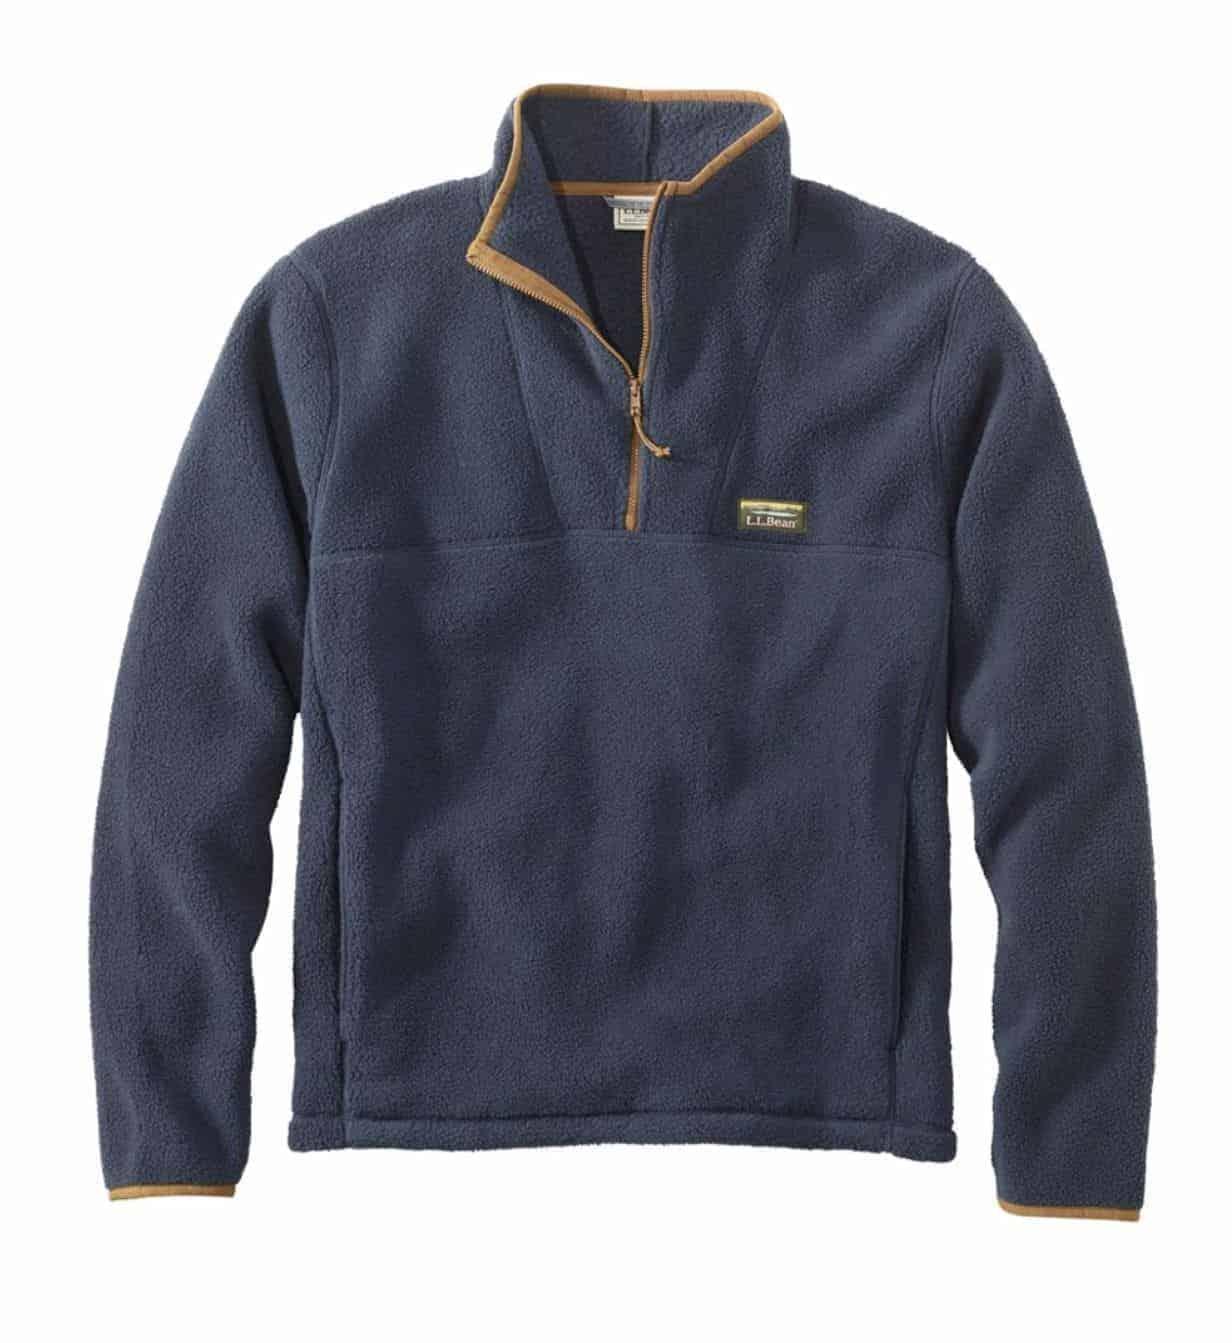 fleece-pullover-gift-idea